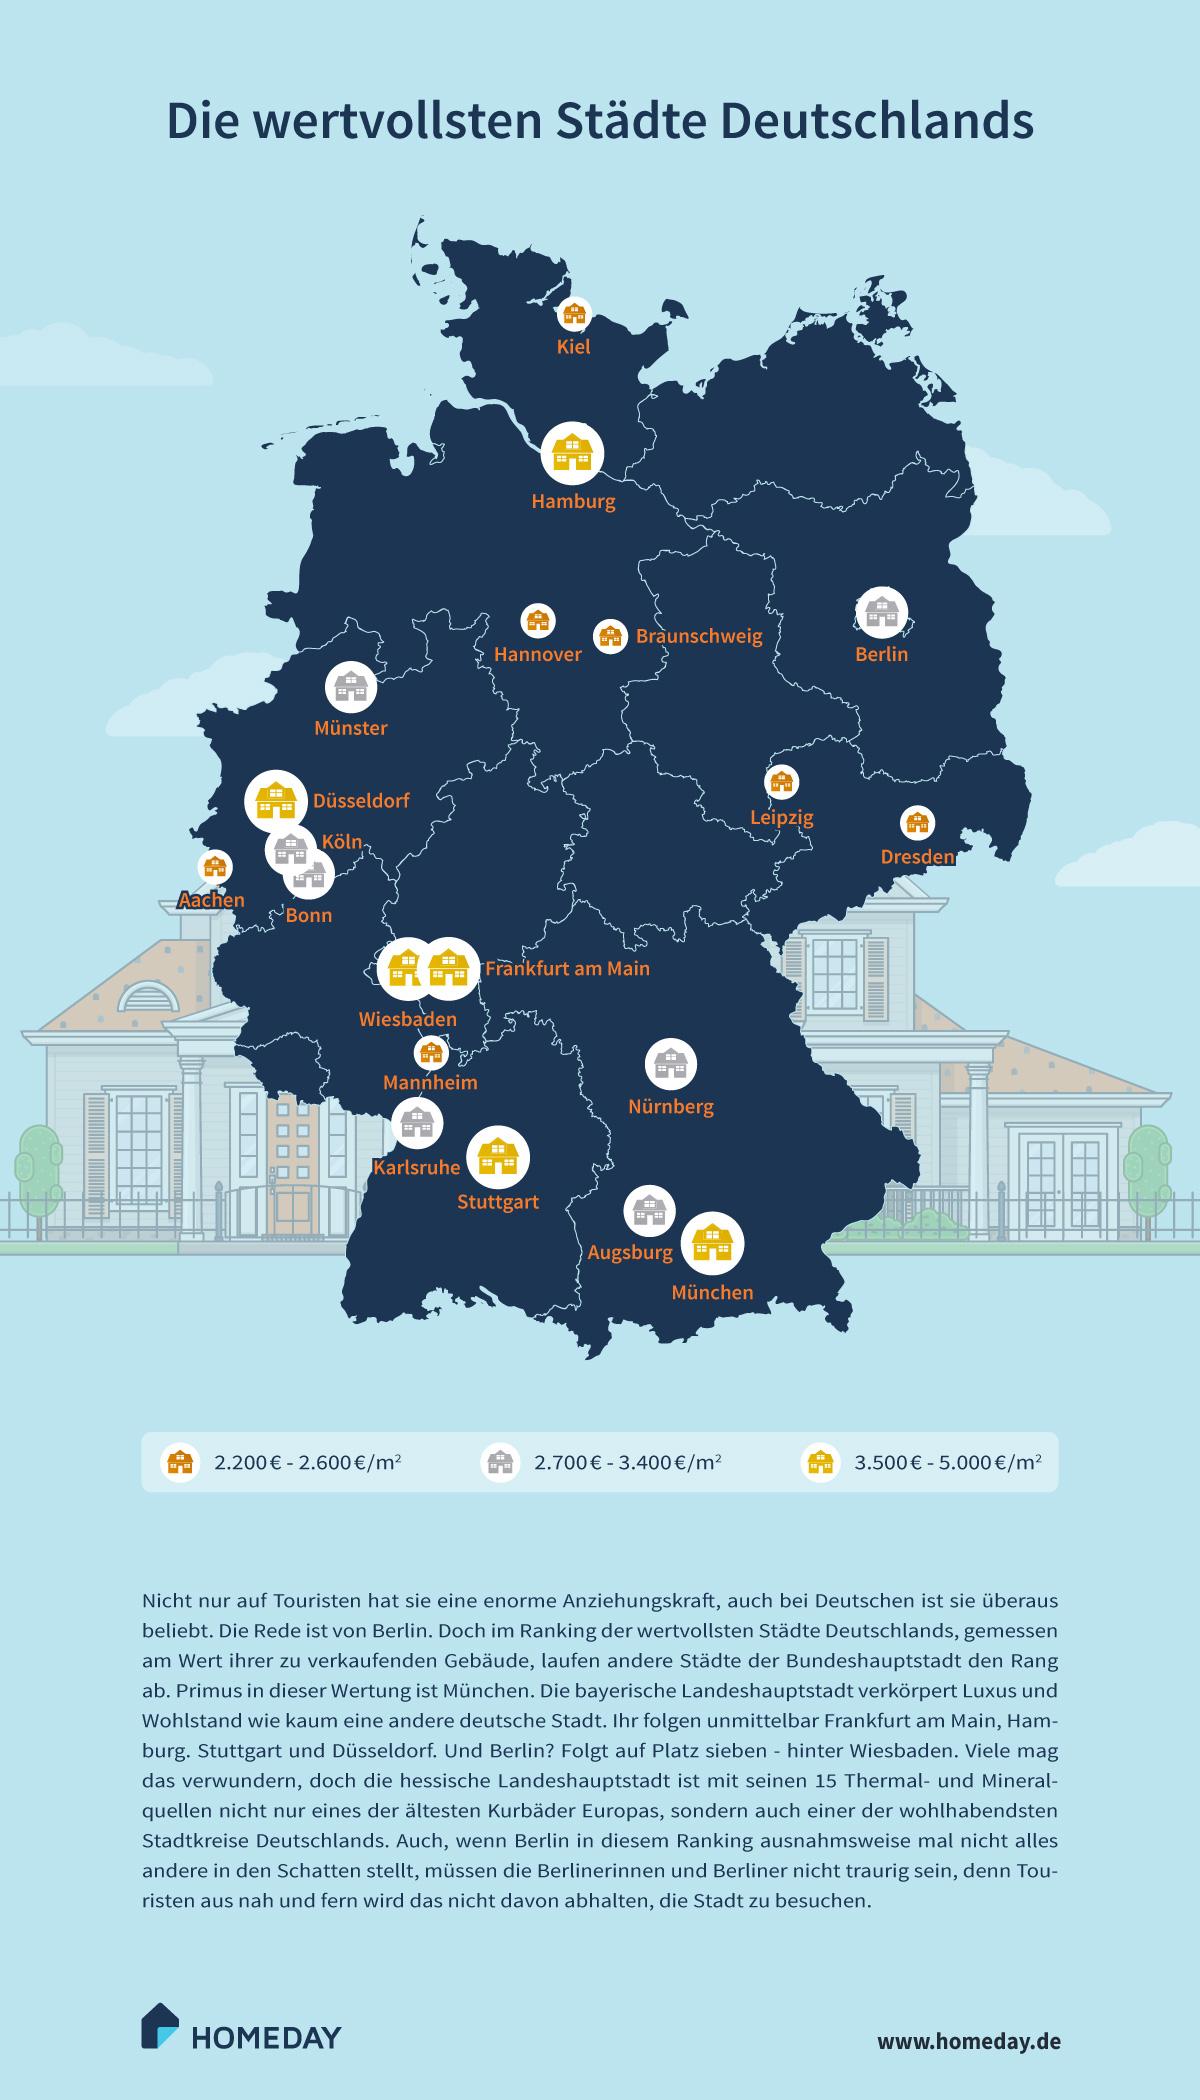 Hier würden Sie das Bild einer Infografik zum Thema die wertvollsten Städte Deutschlands sehen.